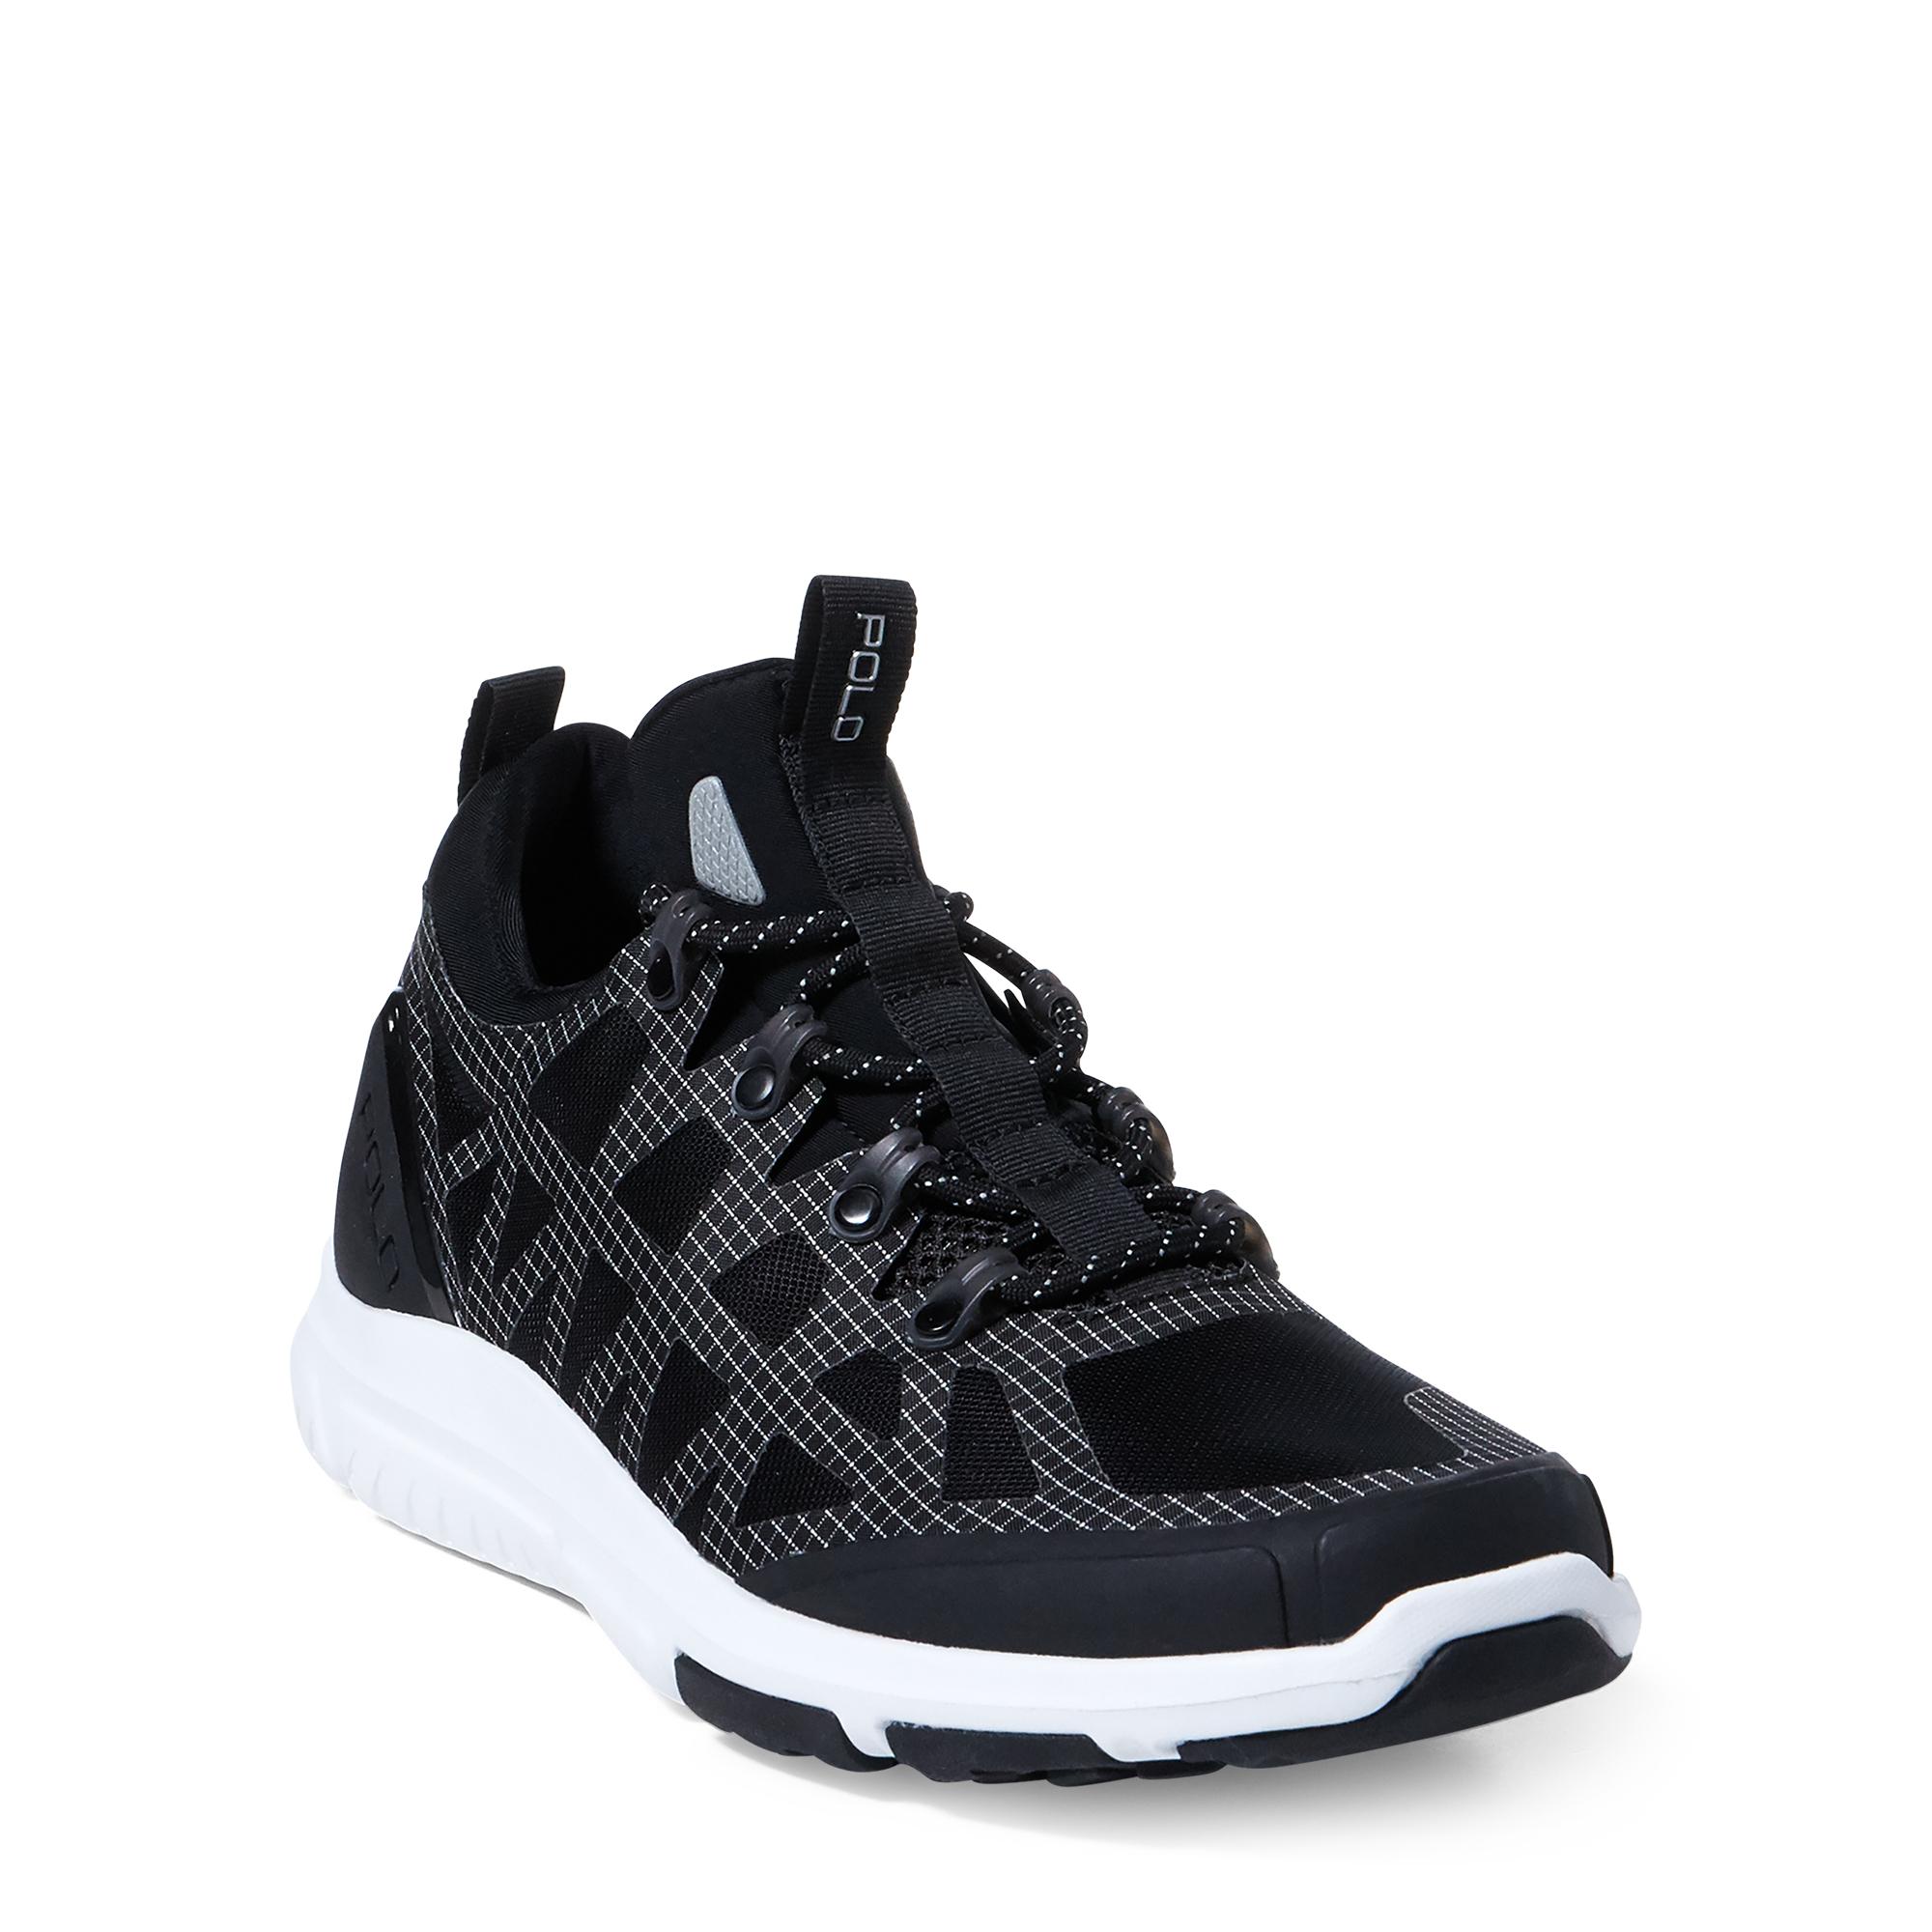 Ralph Lauren Adventure 200 Mesh Sneaker Black 10